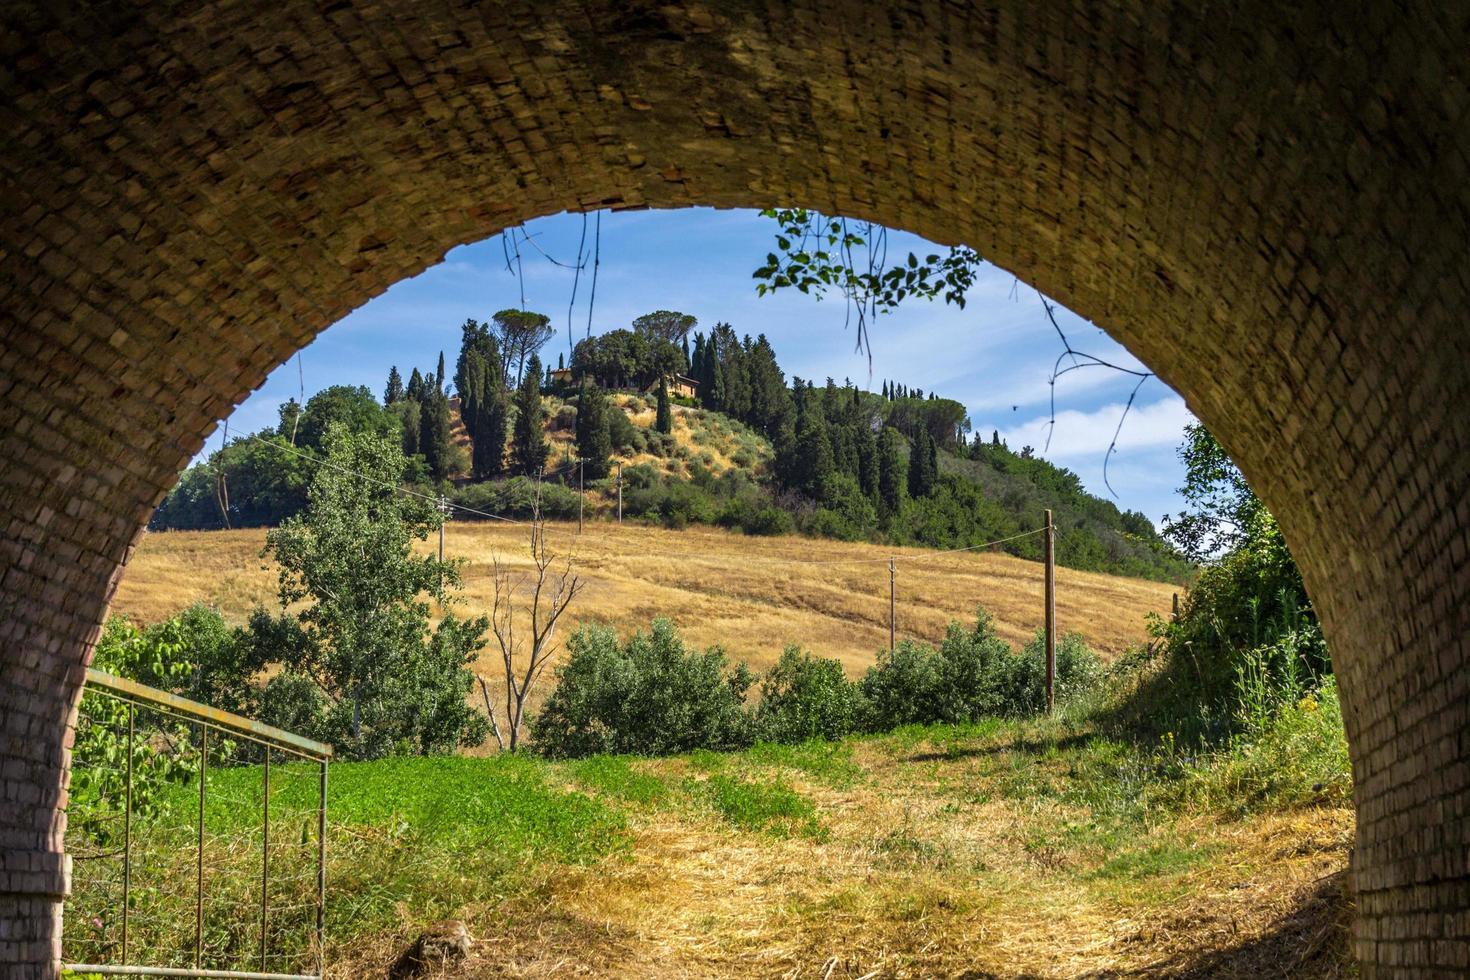 Toscana, Italia, 2020 - Vista de una casa en una colina a través de un túnel foto